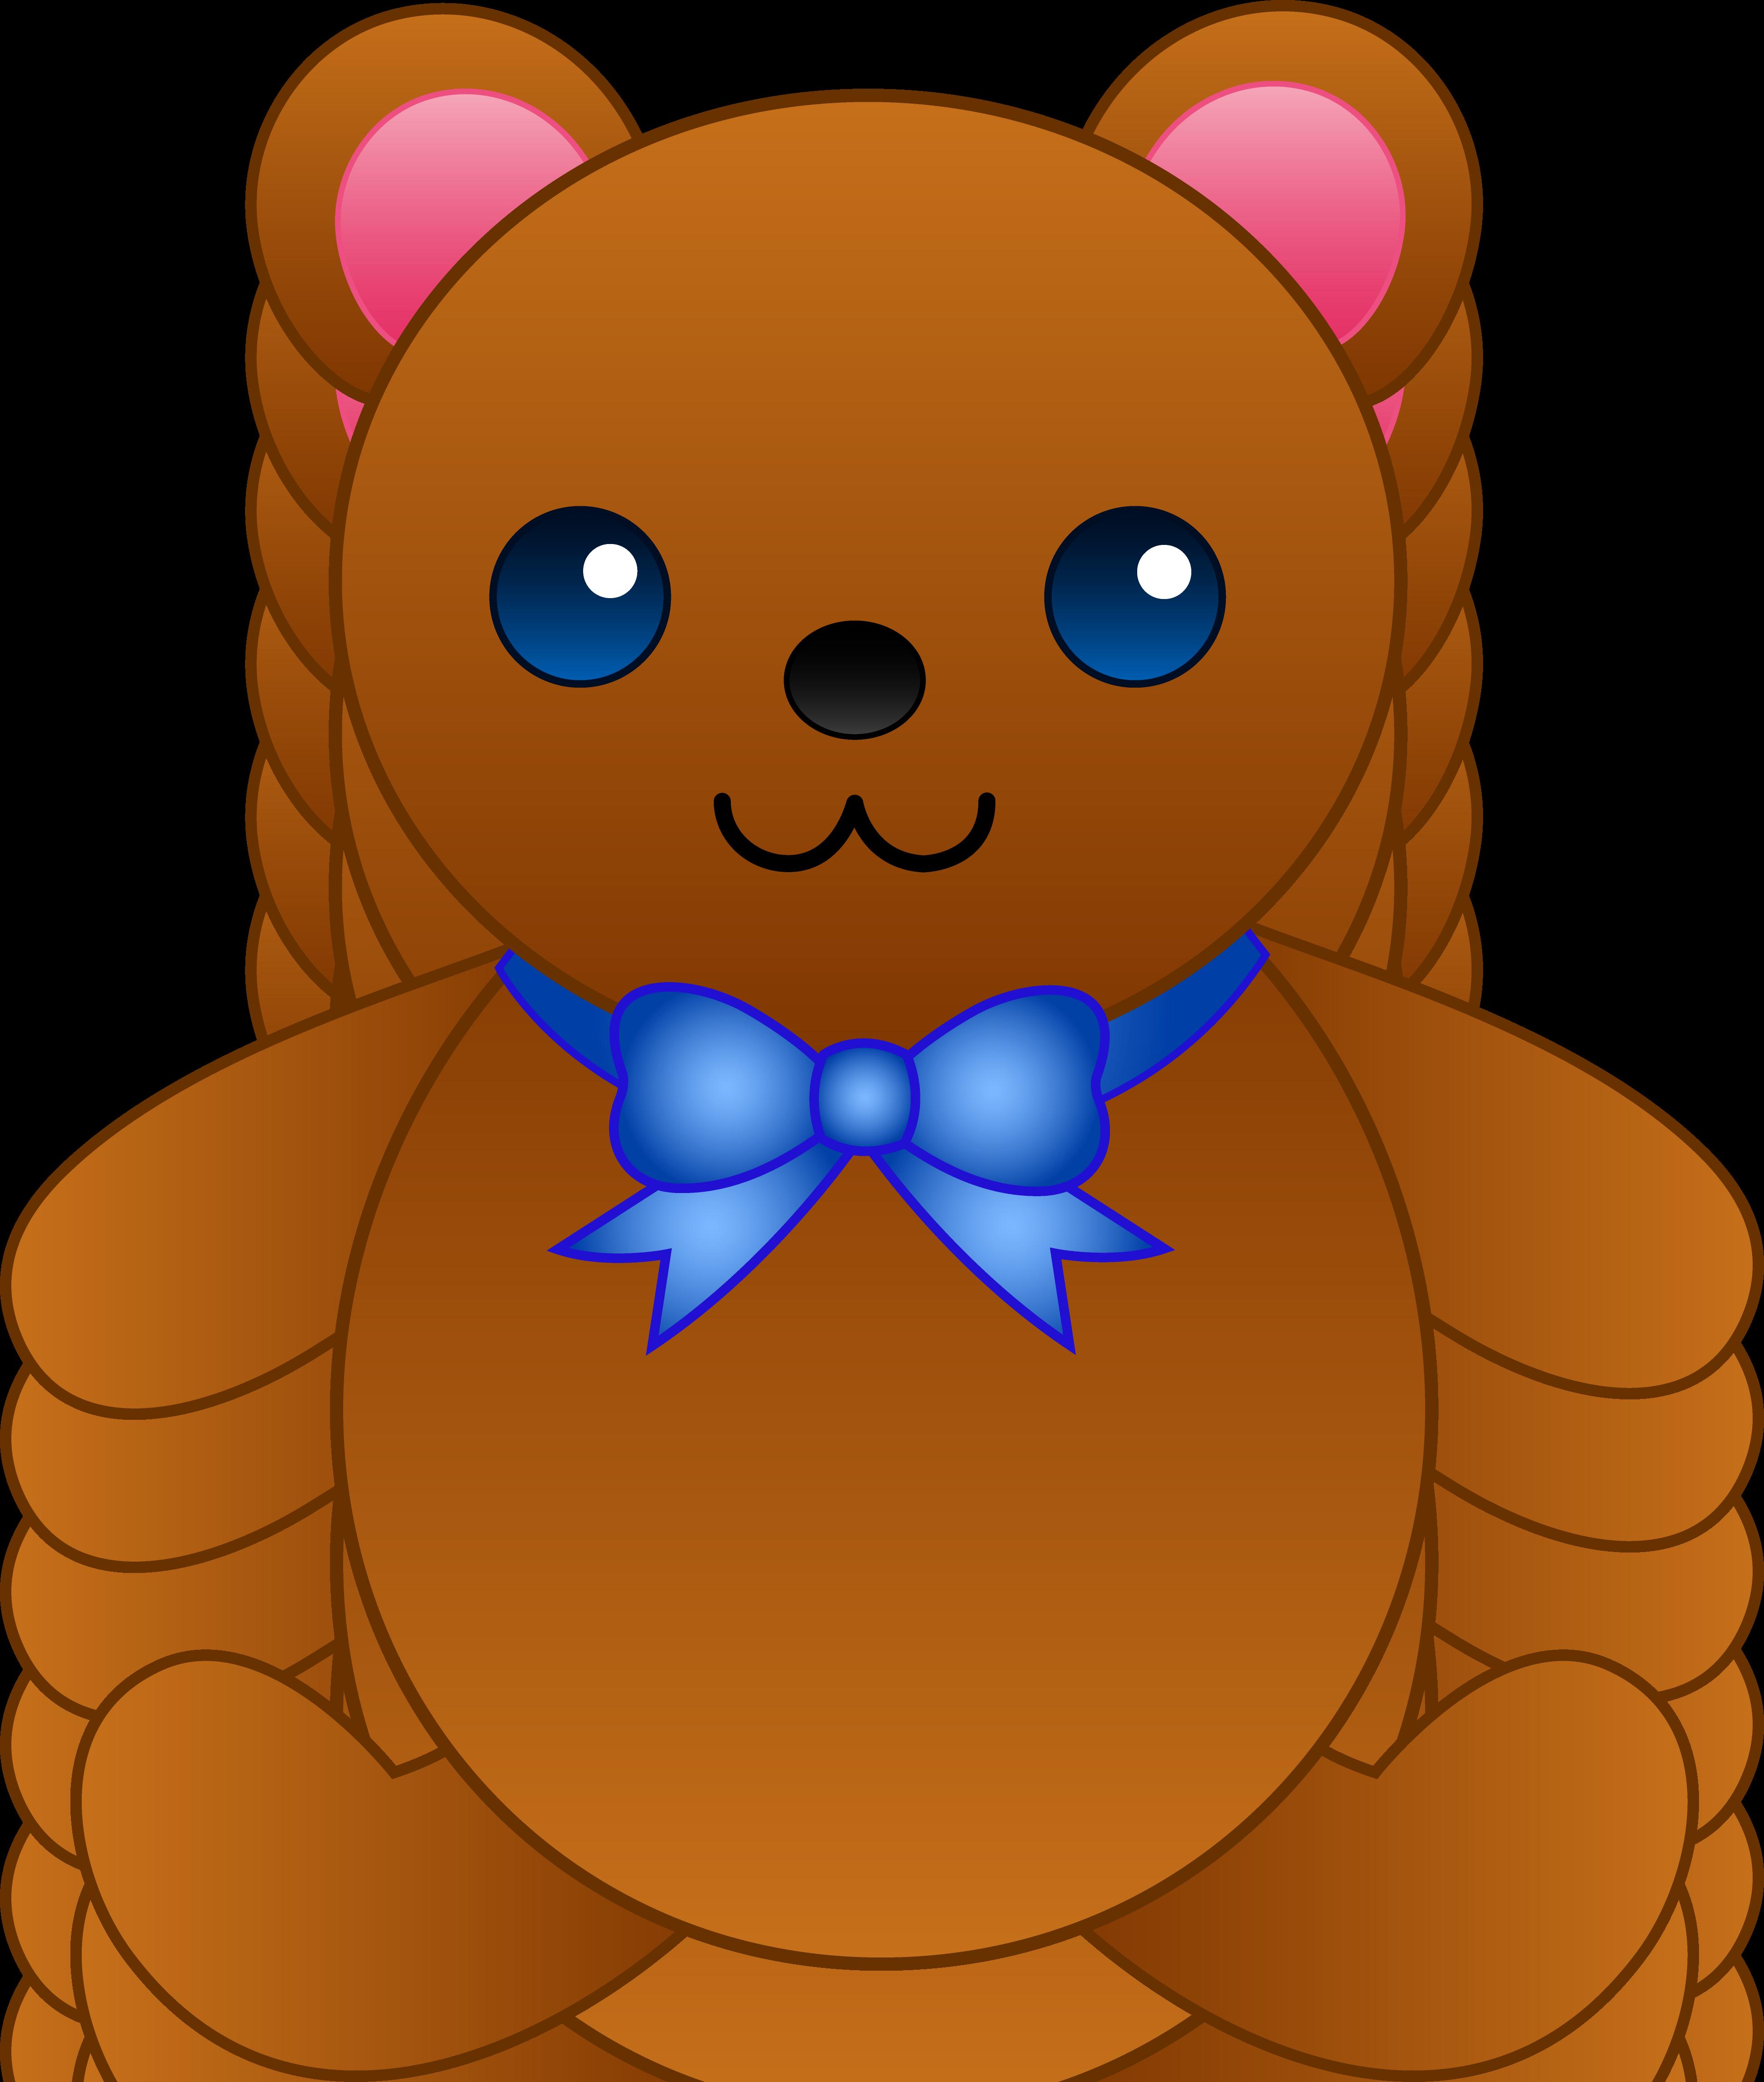 Teddy Bear Clipart-teddy bear clipart-9